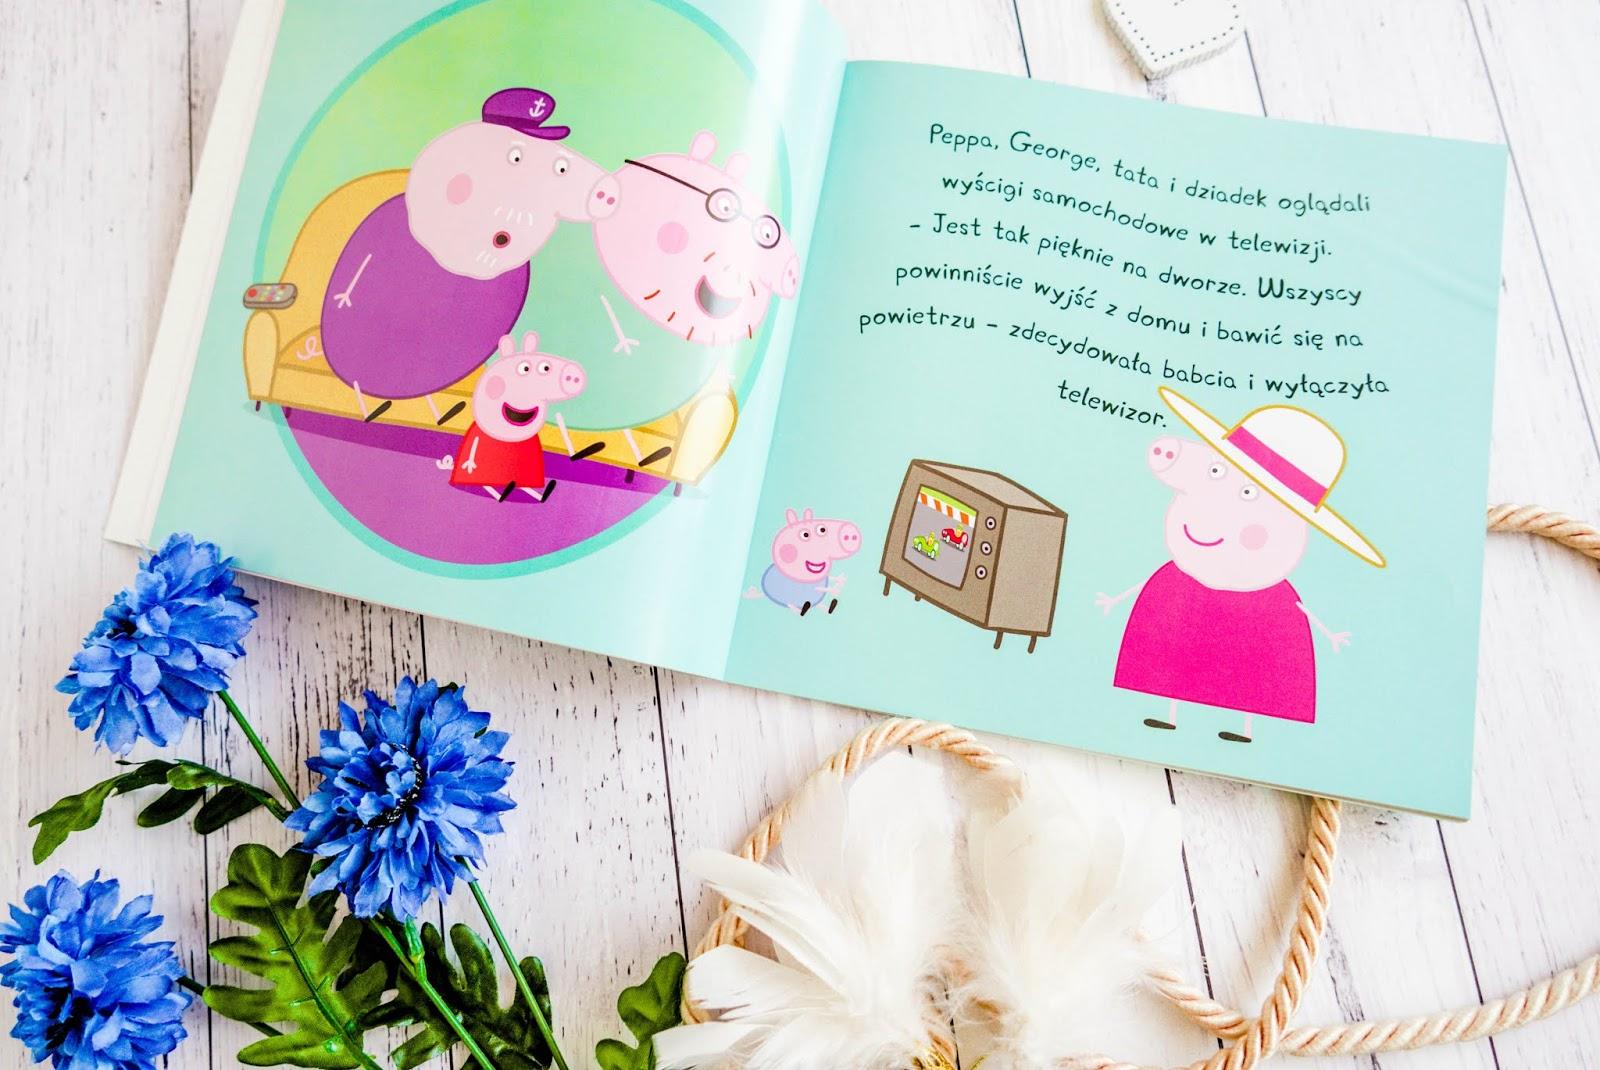 bajki dla dzieci, peppa pig